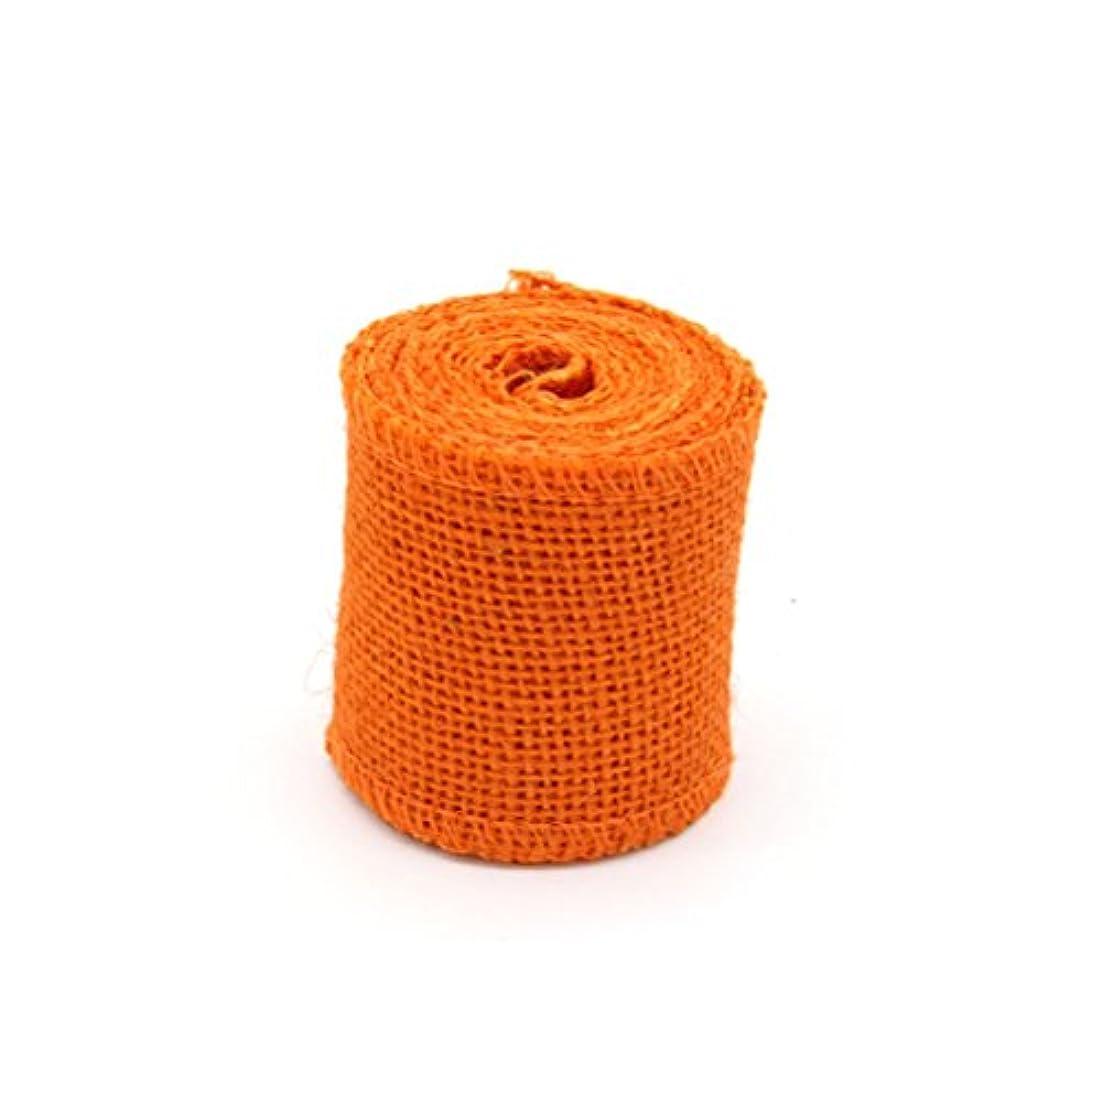 ダーツ灌漑余剰Toyvian クリスマスデコレーション用2M Jute Burlapリボンロール(オレンジ)